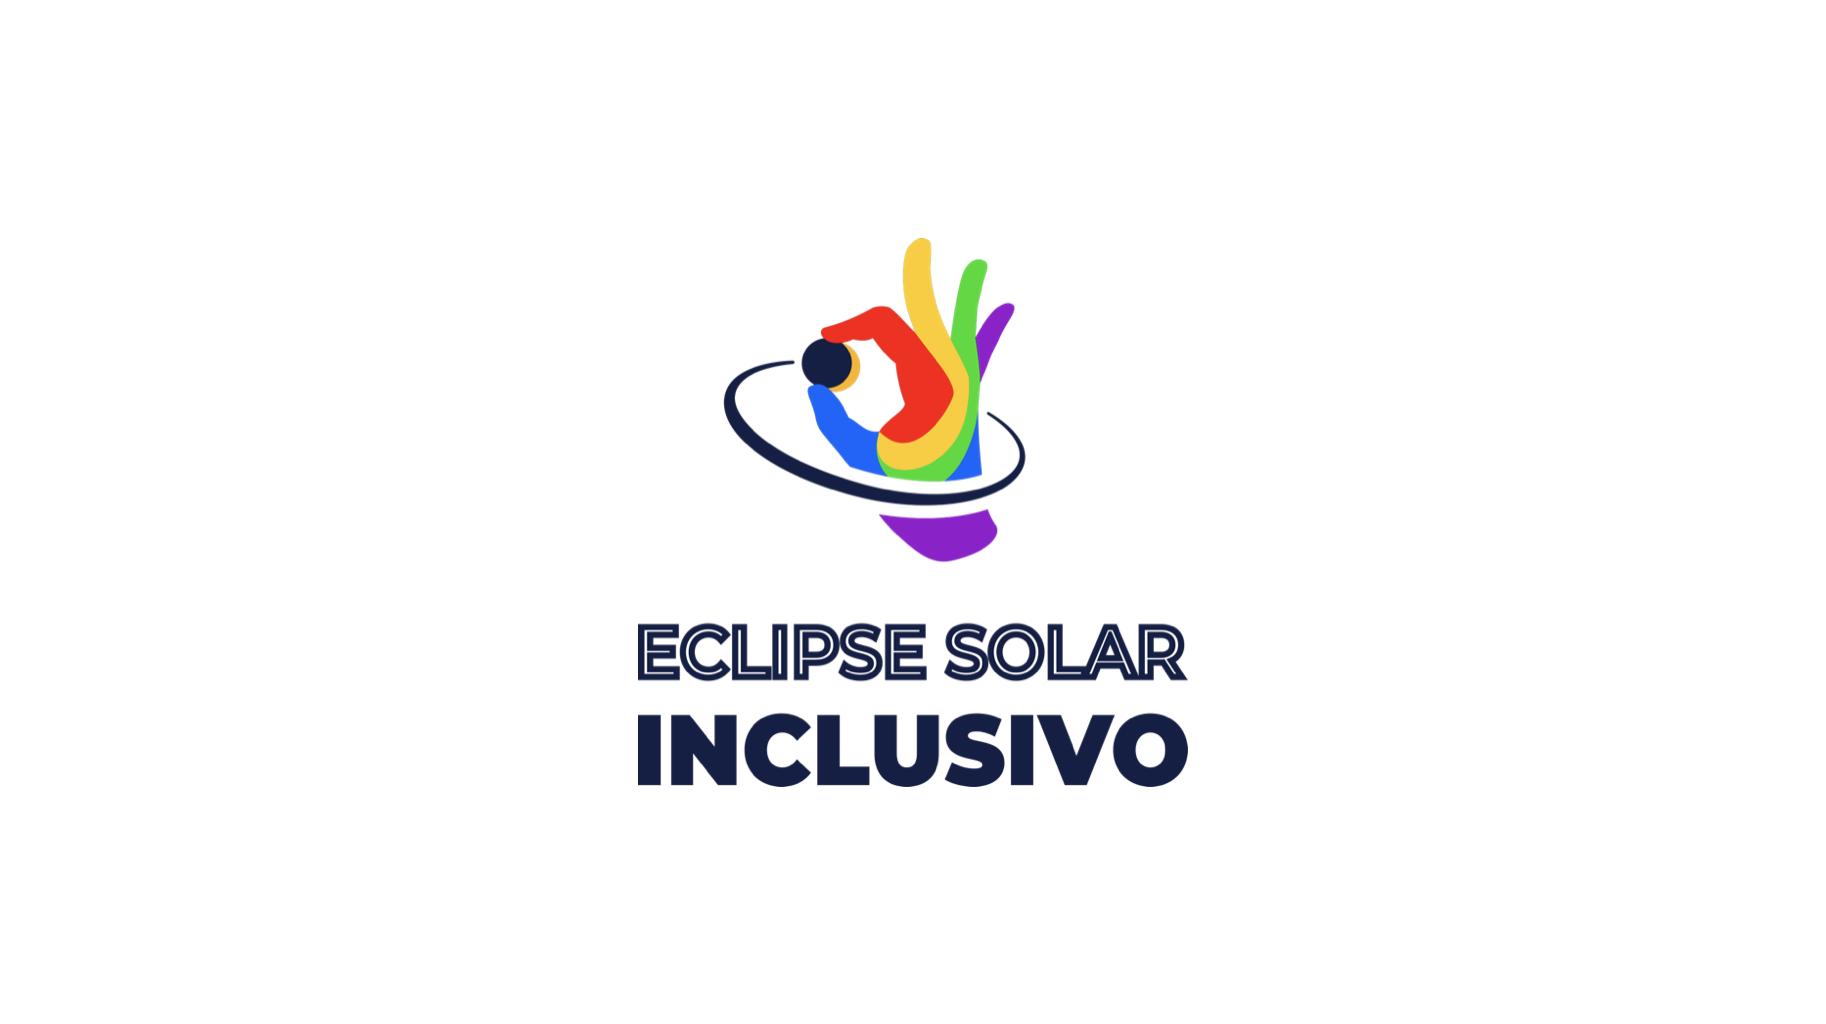 Eclipse Solar Inclusivo 2020: Una experiencia universal para todos y todas